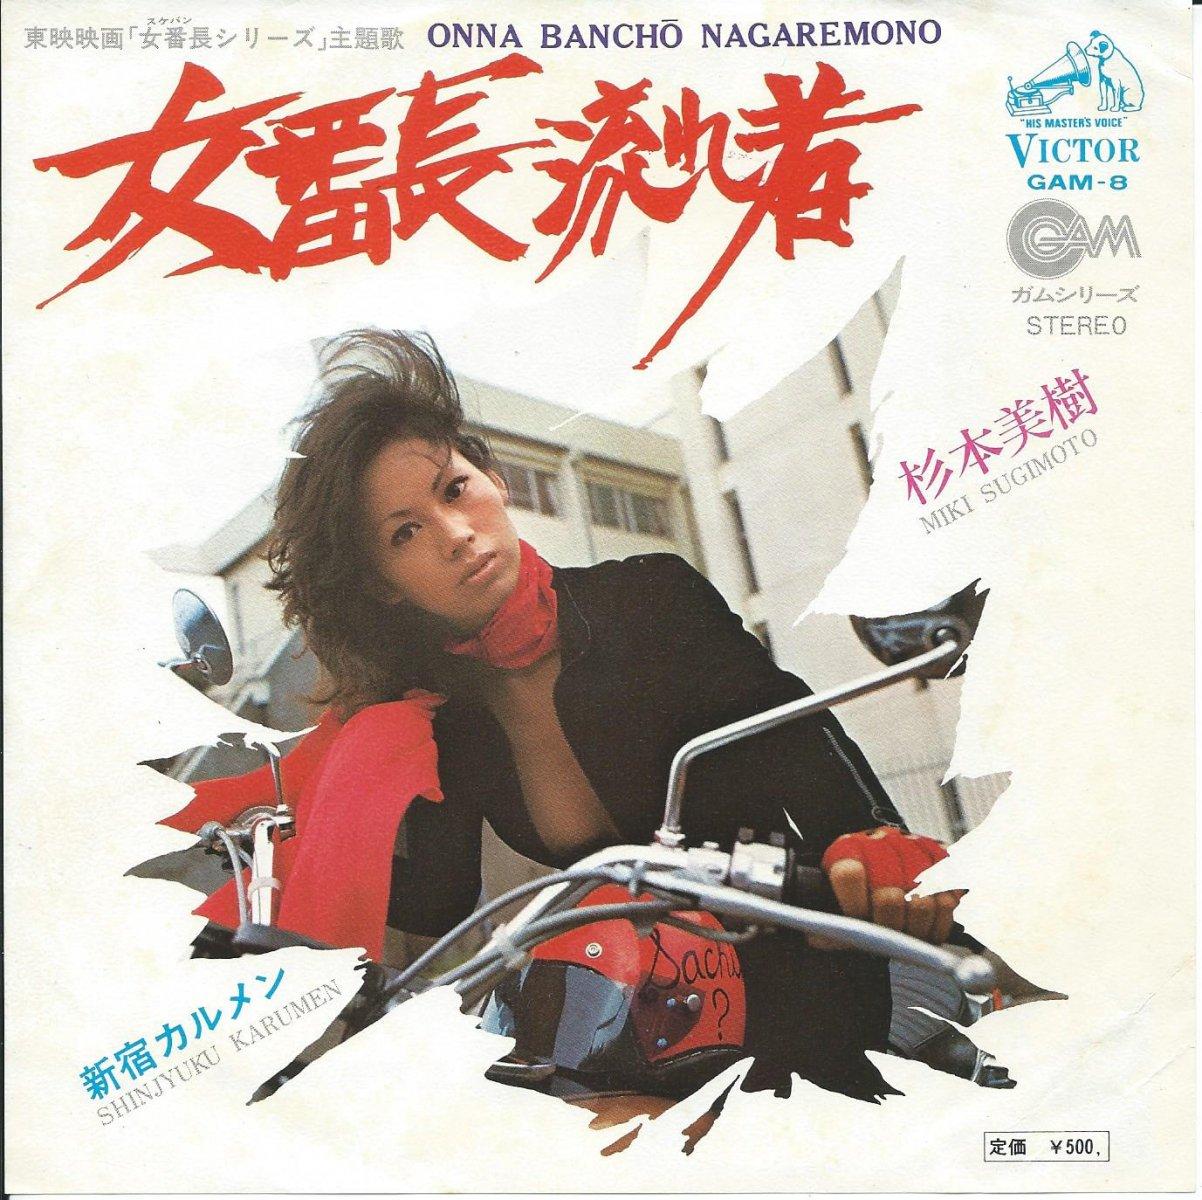 杉本美樹 MIKI SUGIMOTO / 女番長流れ者 (ONNA BANCHO NAGAREMONO) / 新宿カルメン (7